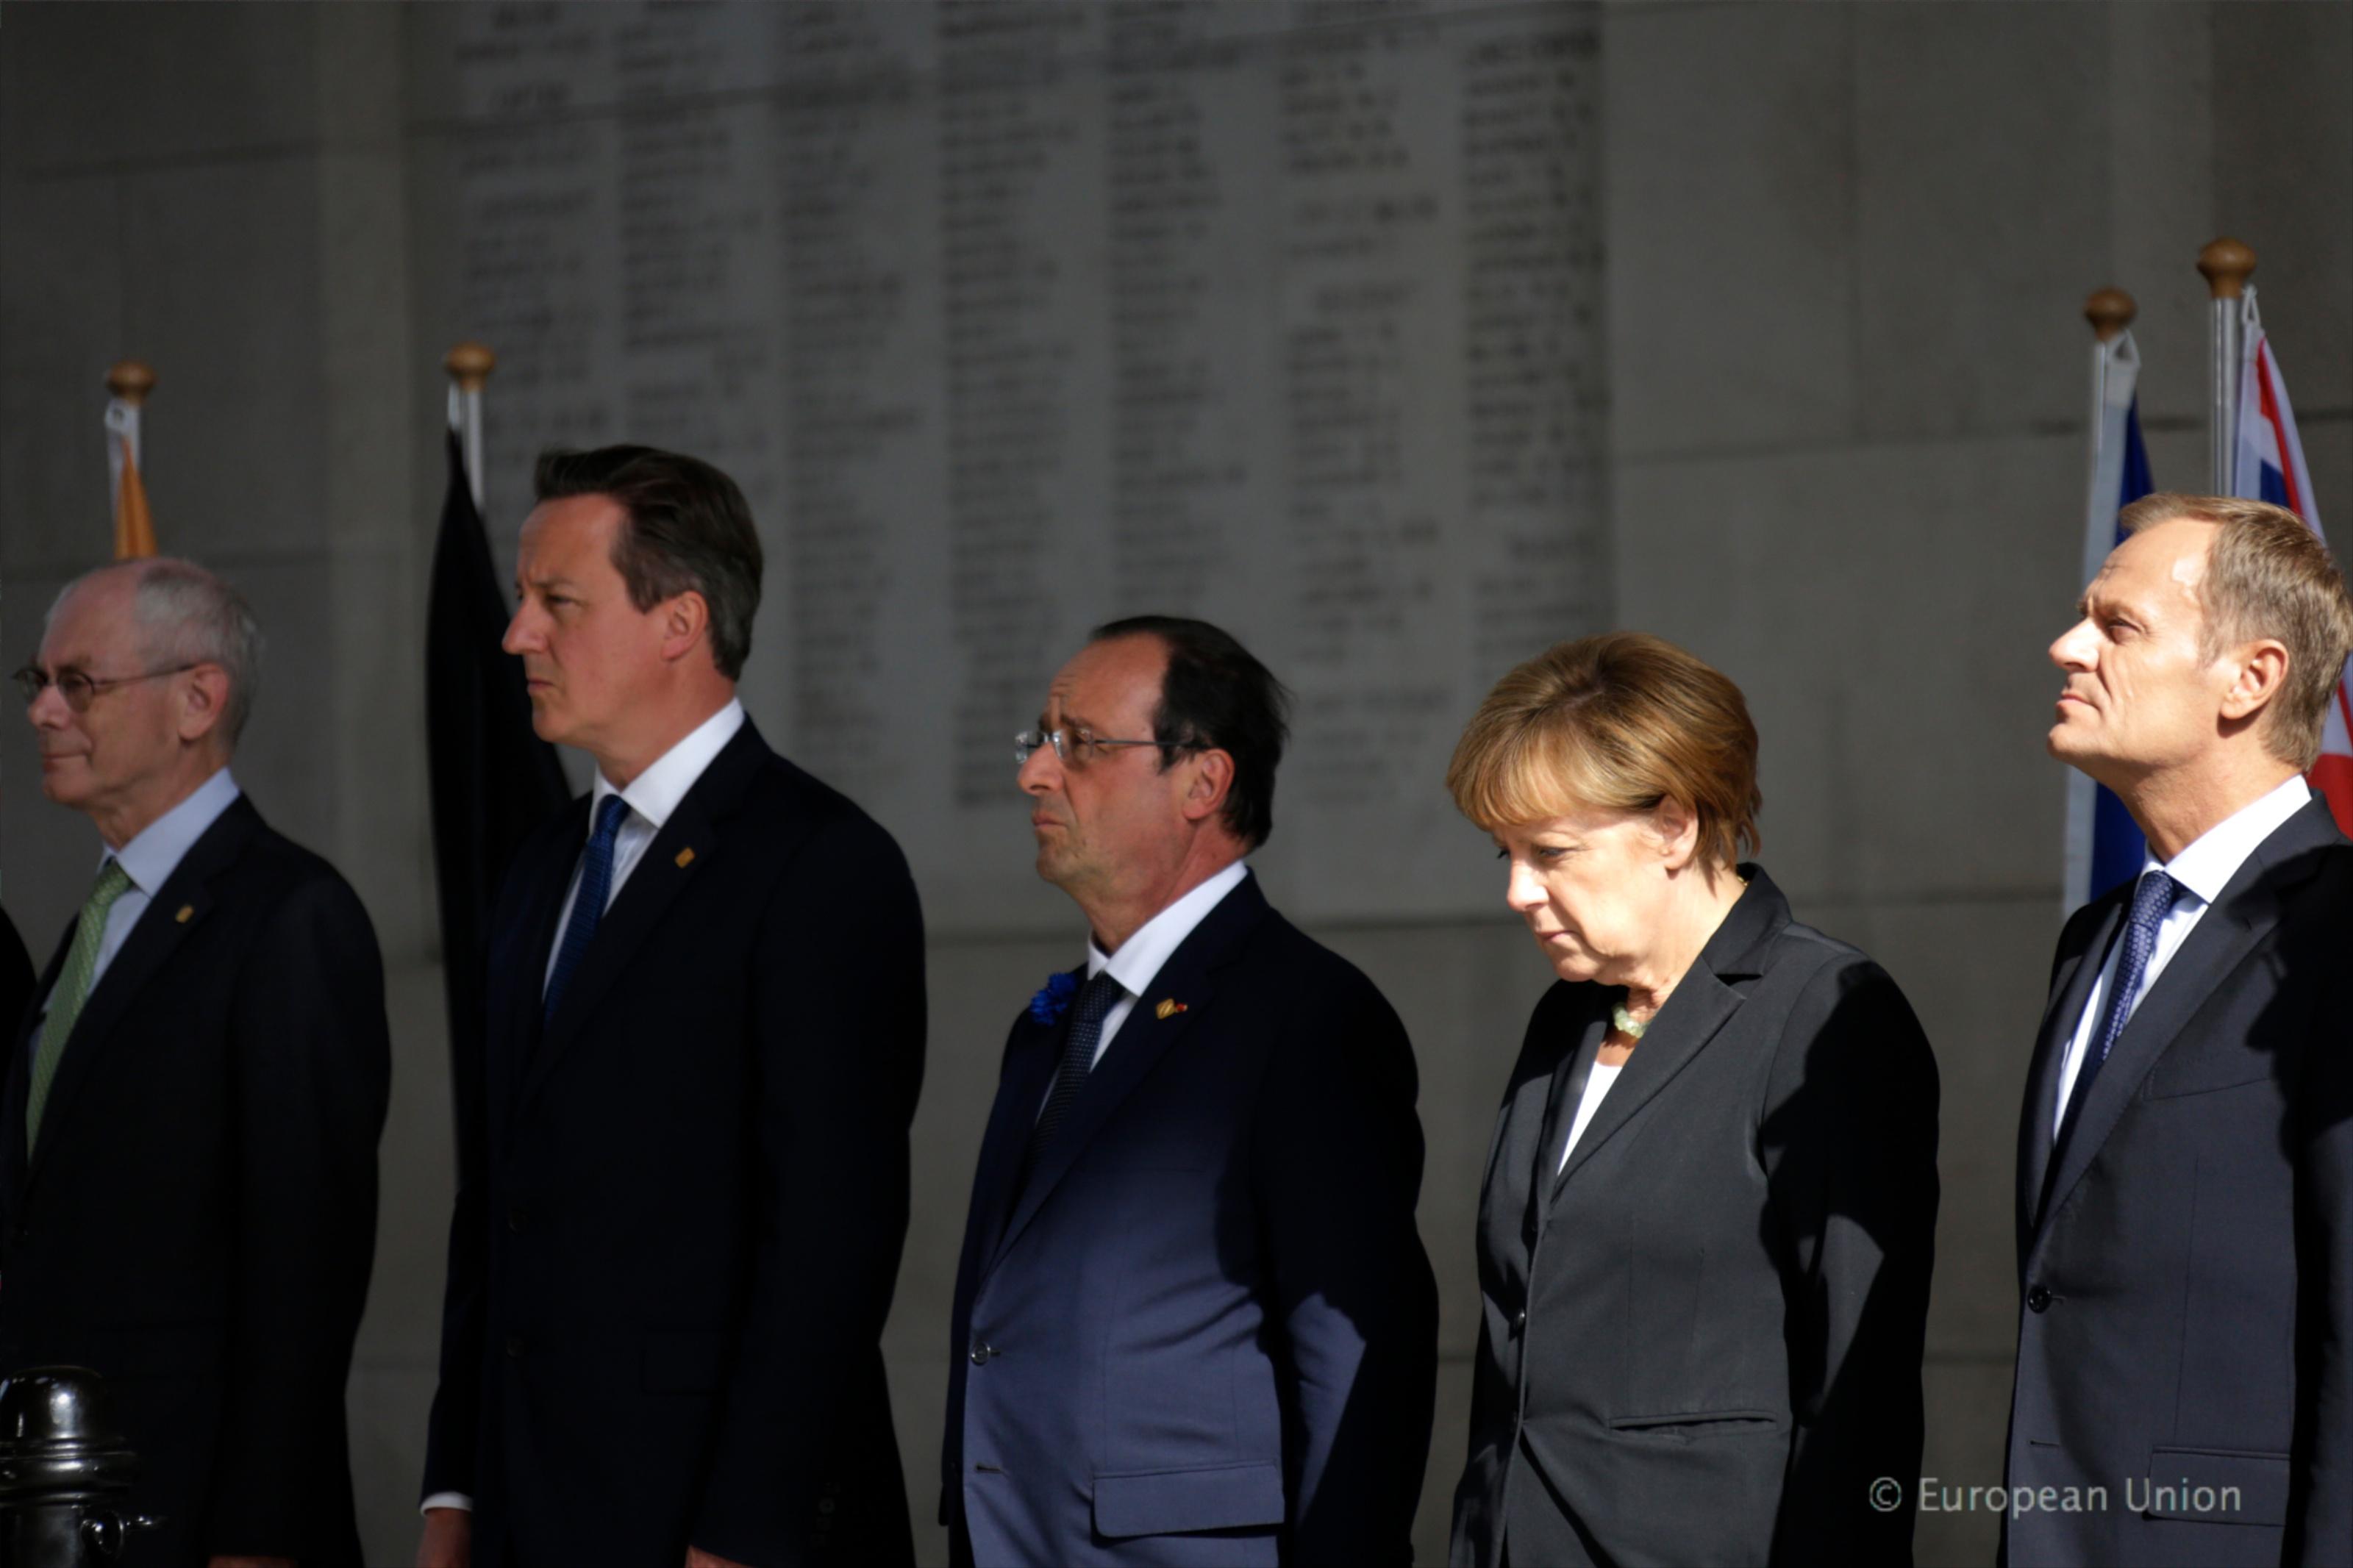 Sommet européen - Ypres - 26 juin 2014